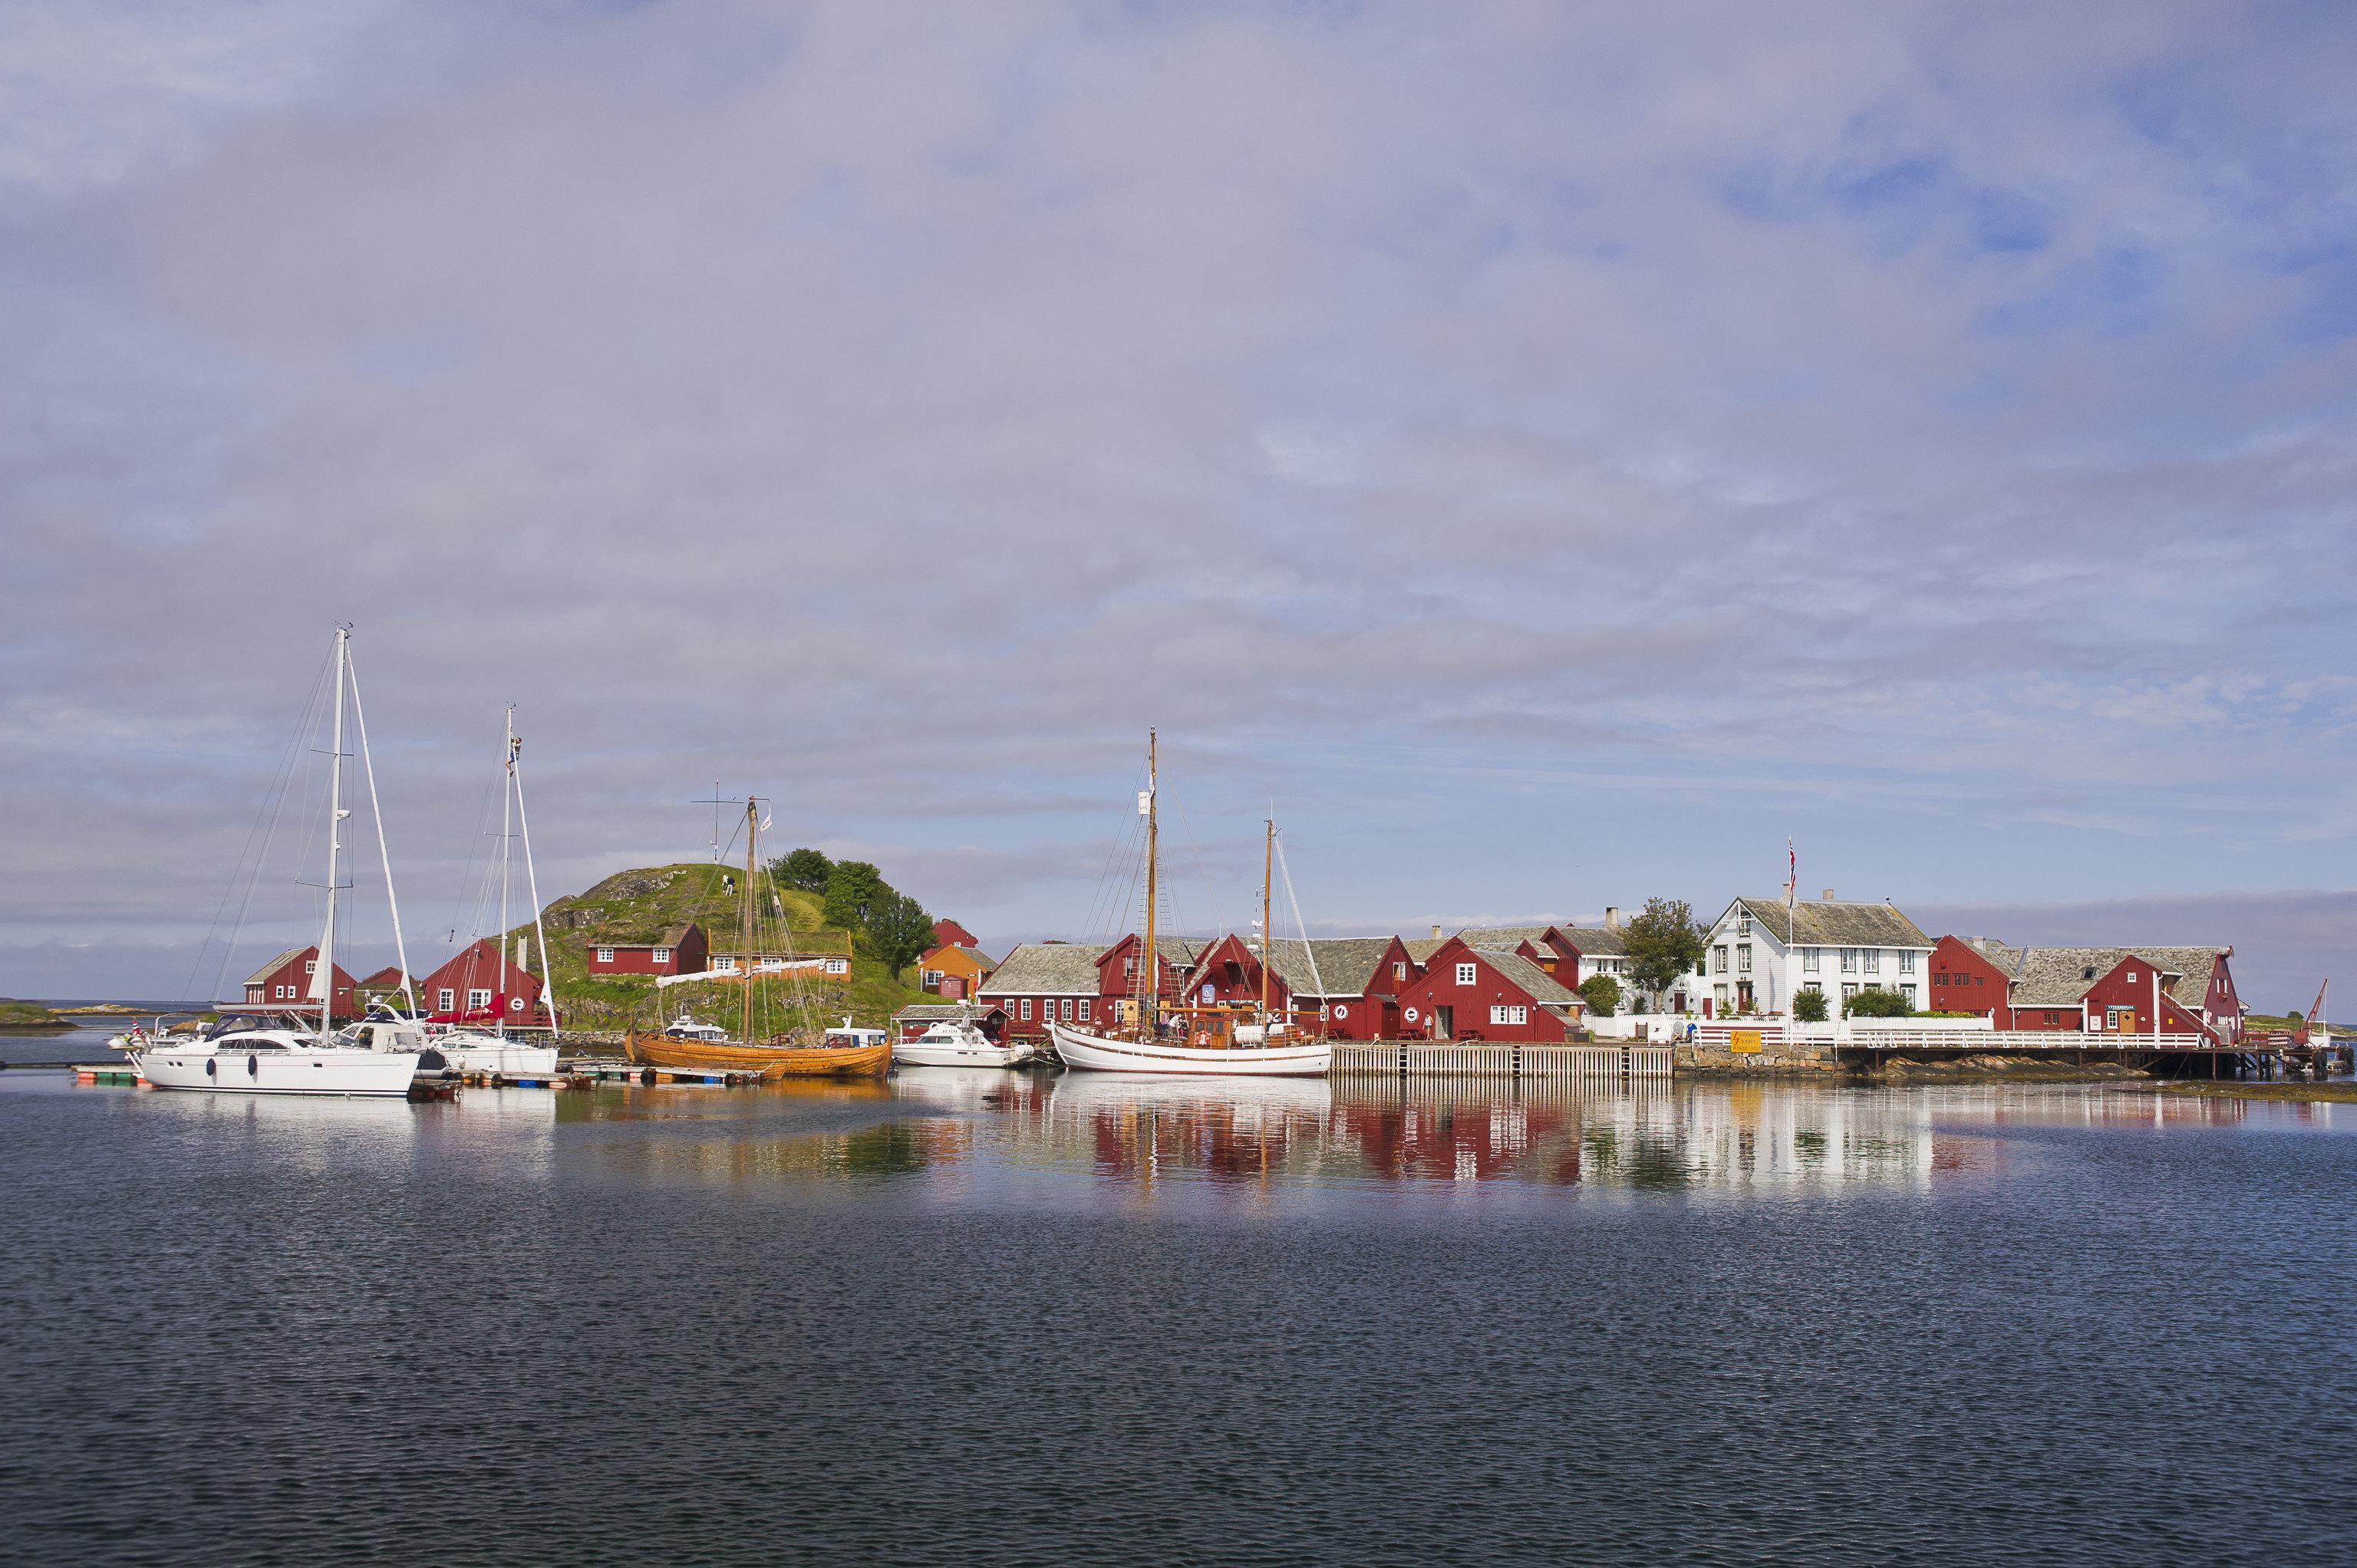 Norway Oslo Trip Ideas water outdoor Boat sky Harbor scene Sea vehicle docked marina dock Lake port bay passenger ship Coast ferry day